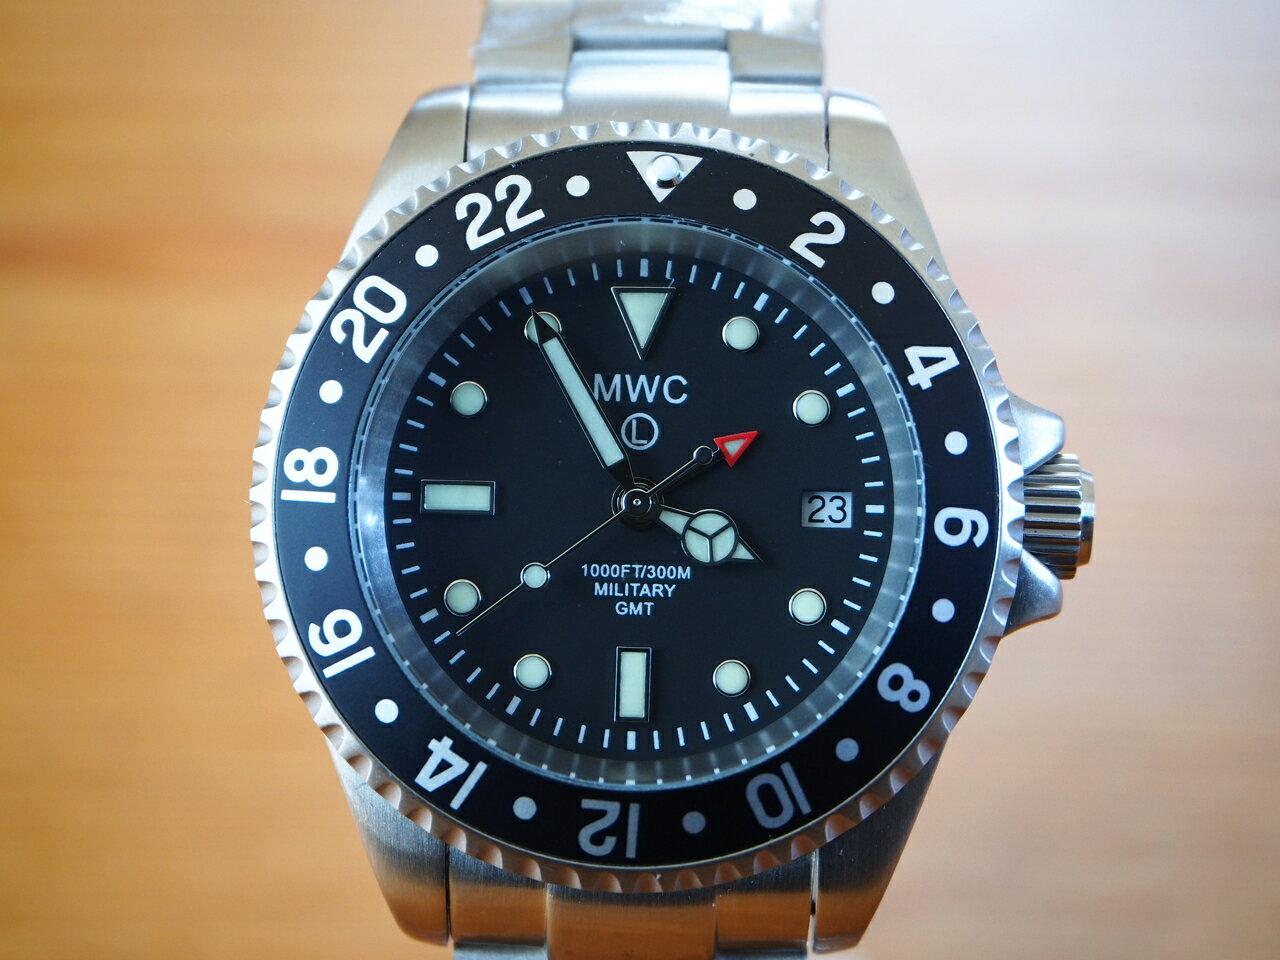 MWC時計/ミリタリーダイバーGMT/2ヶ国時刻/クォーツ/Ronda515.24/ ステンレスベルト/300m防水